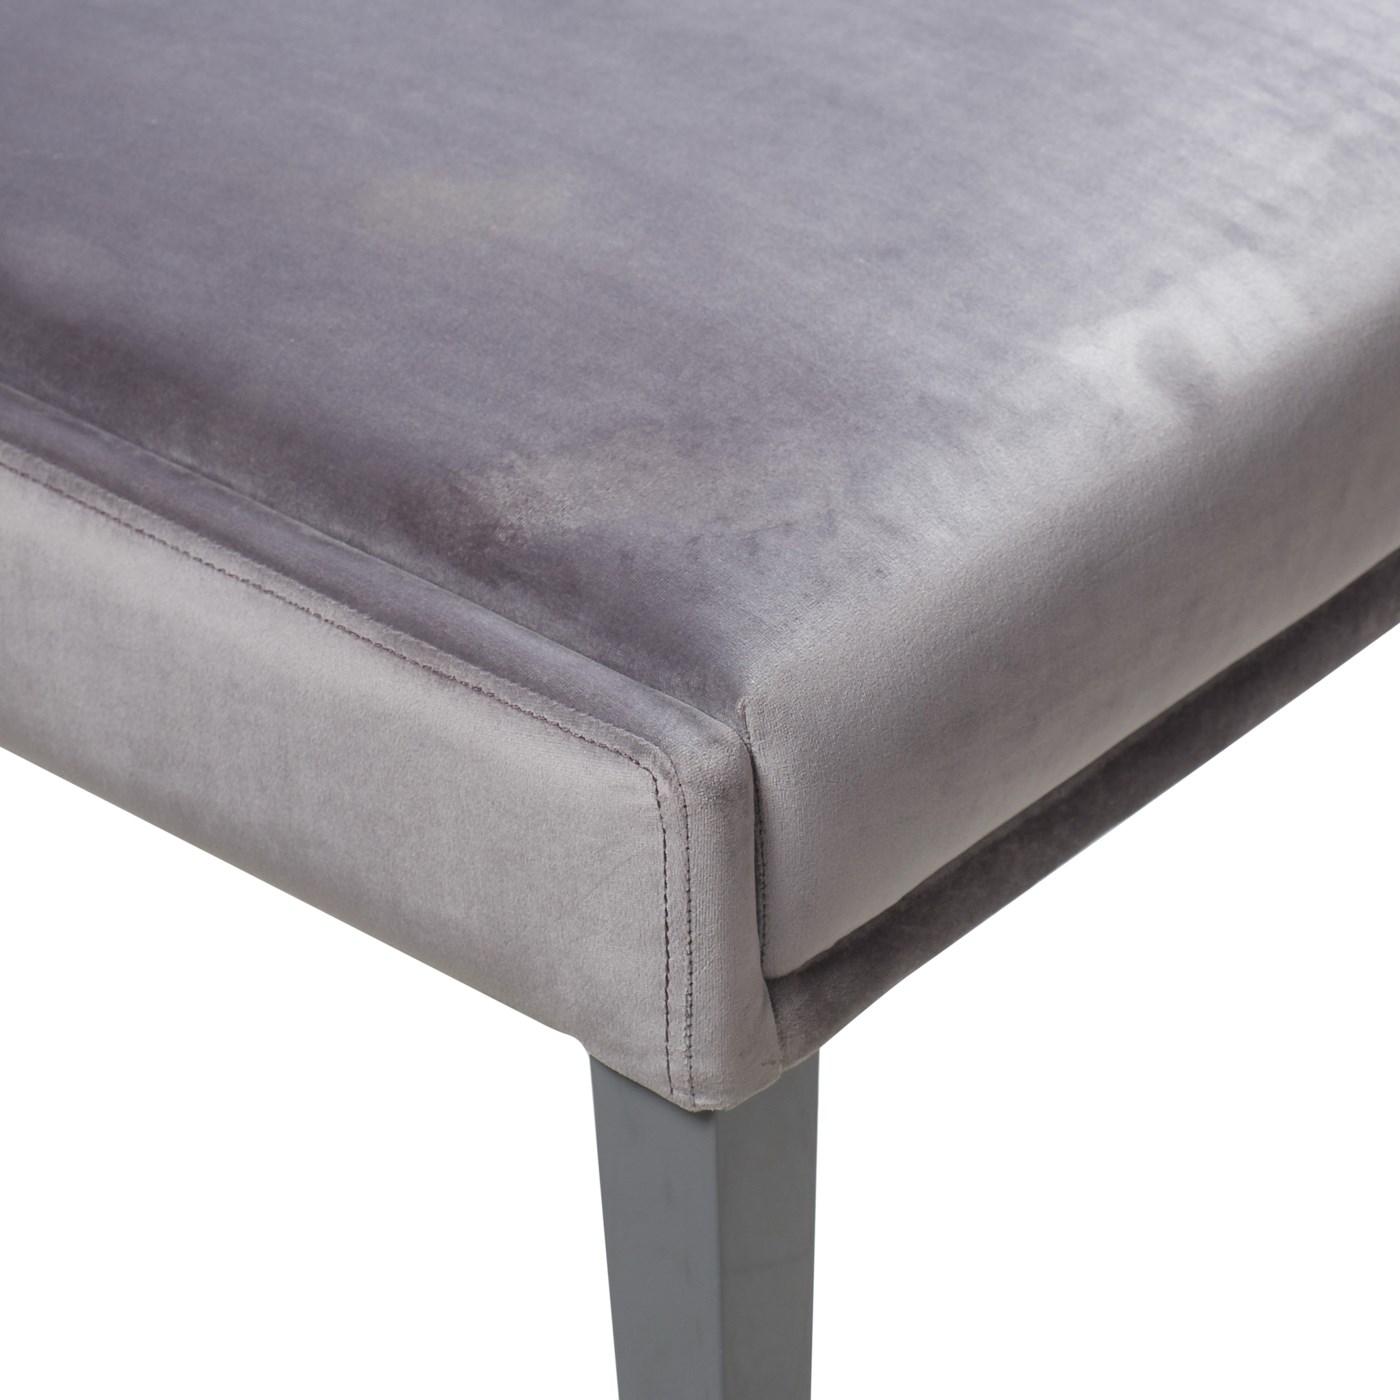 Lowry Dining Chair - Victor Smoke